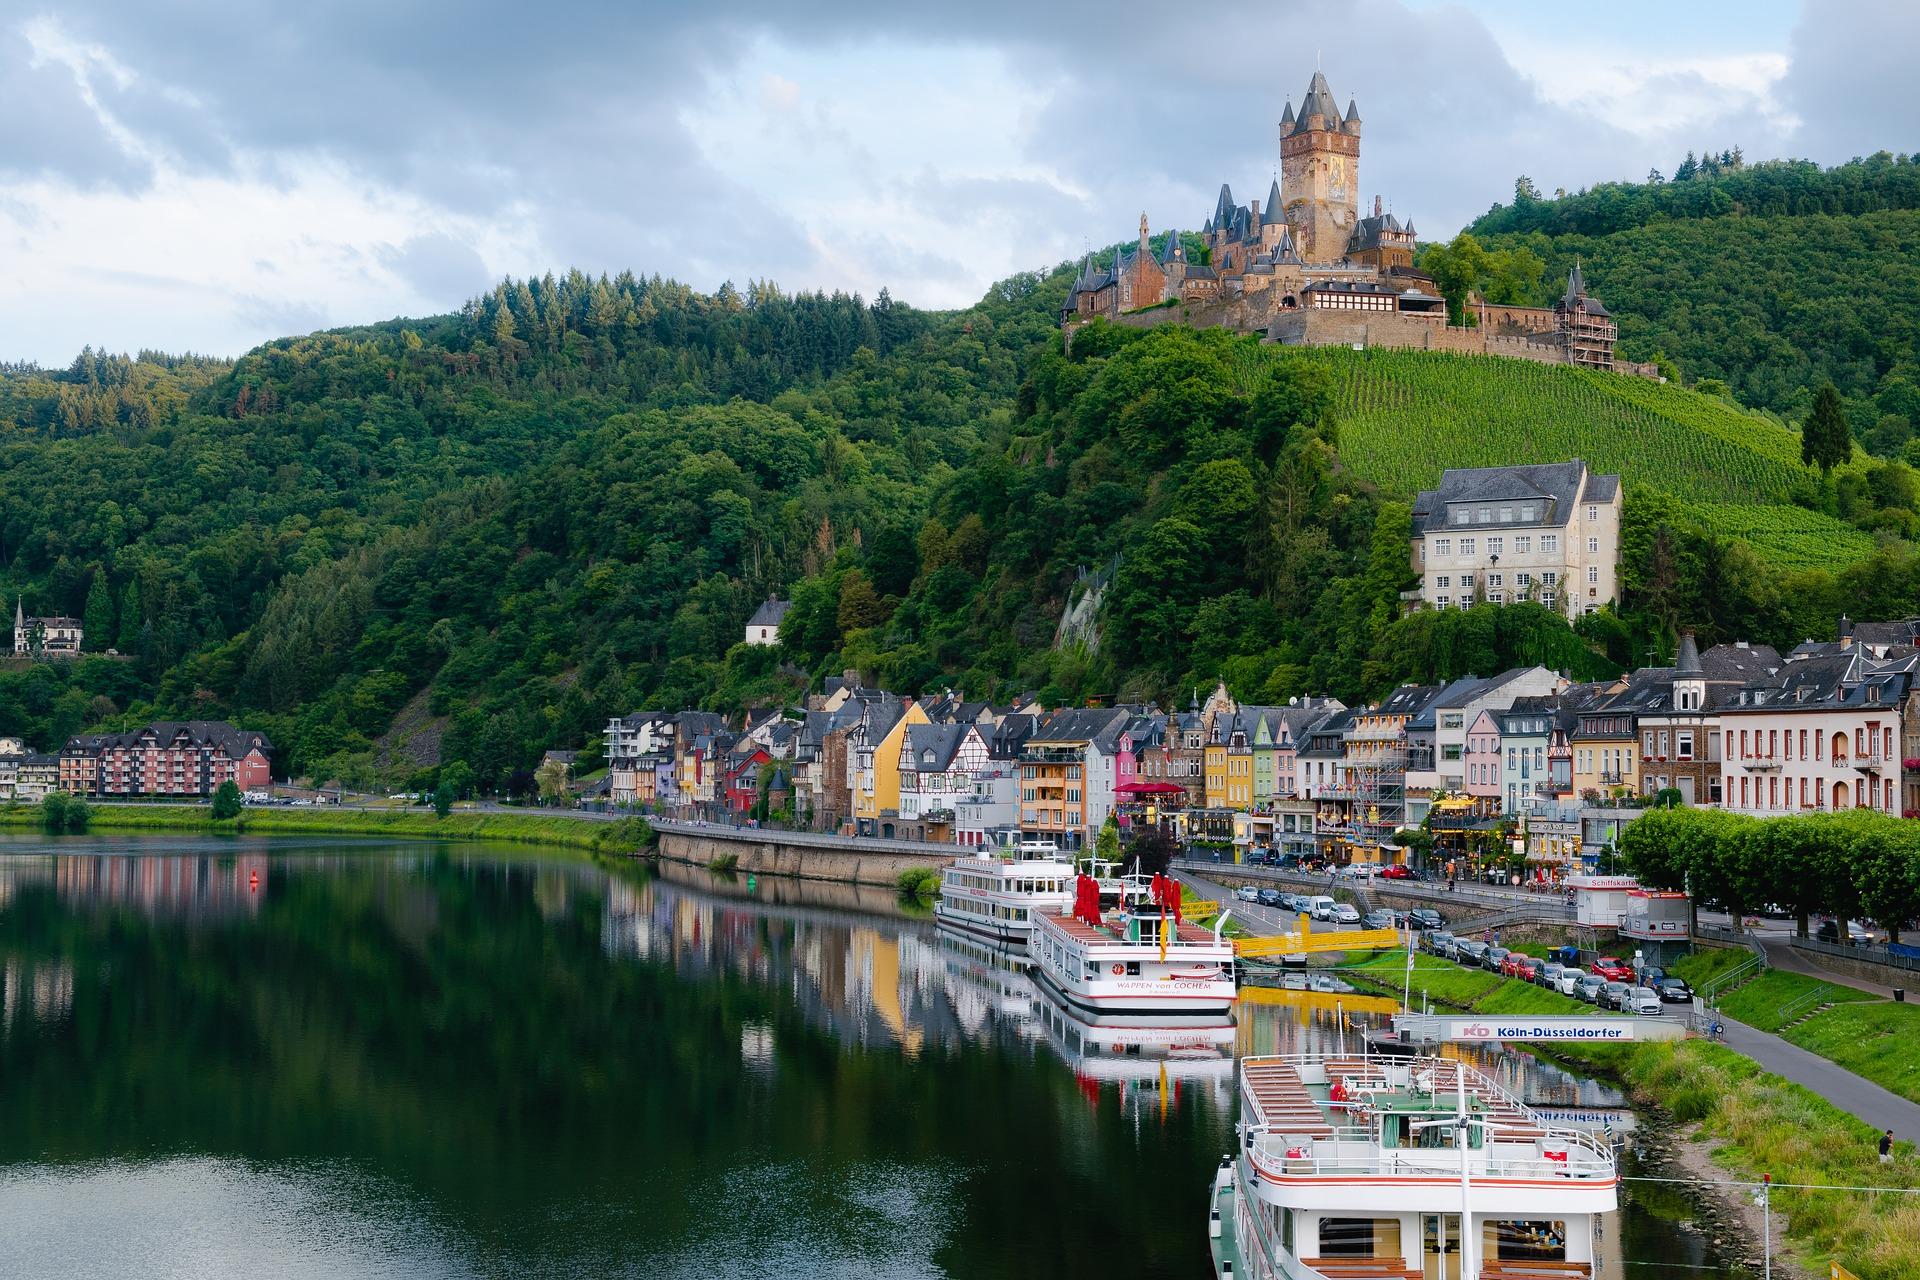 Starten Sie von Enkirch zu einigen Tagesausflügen